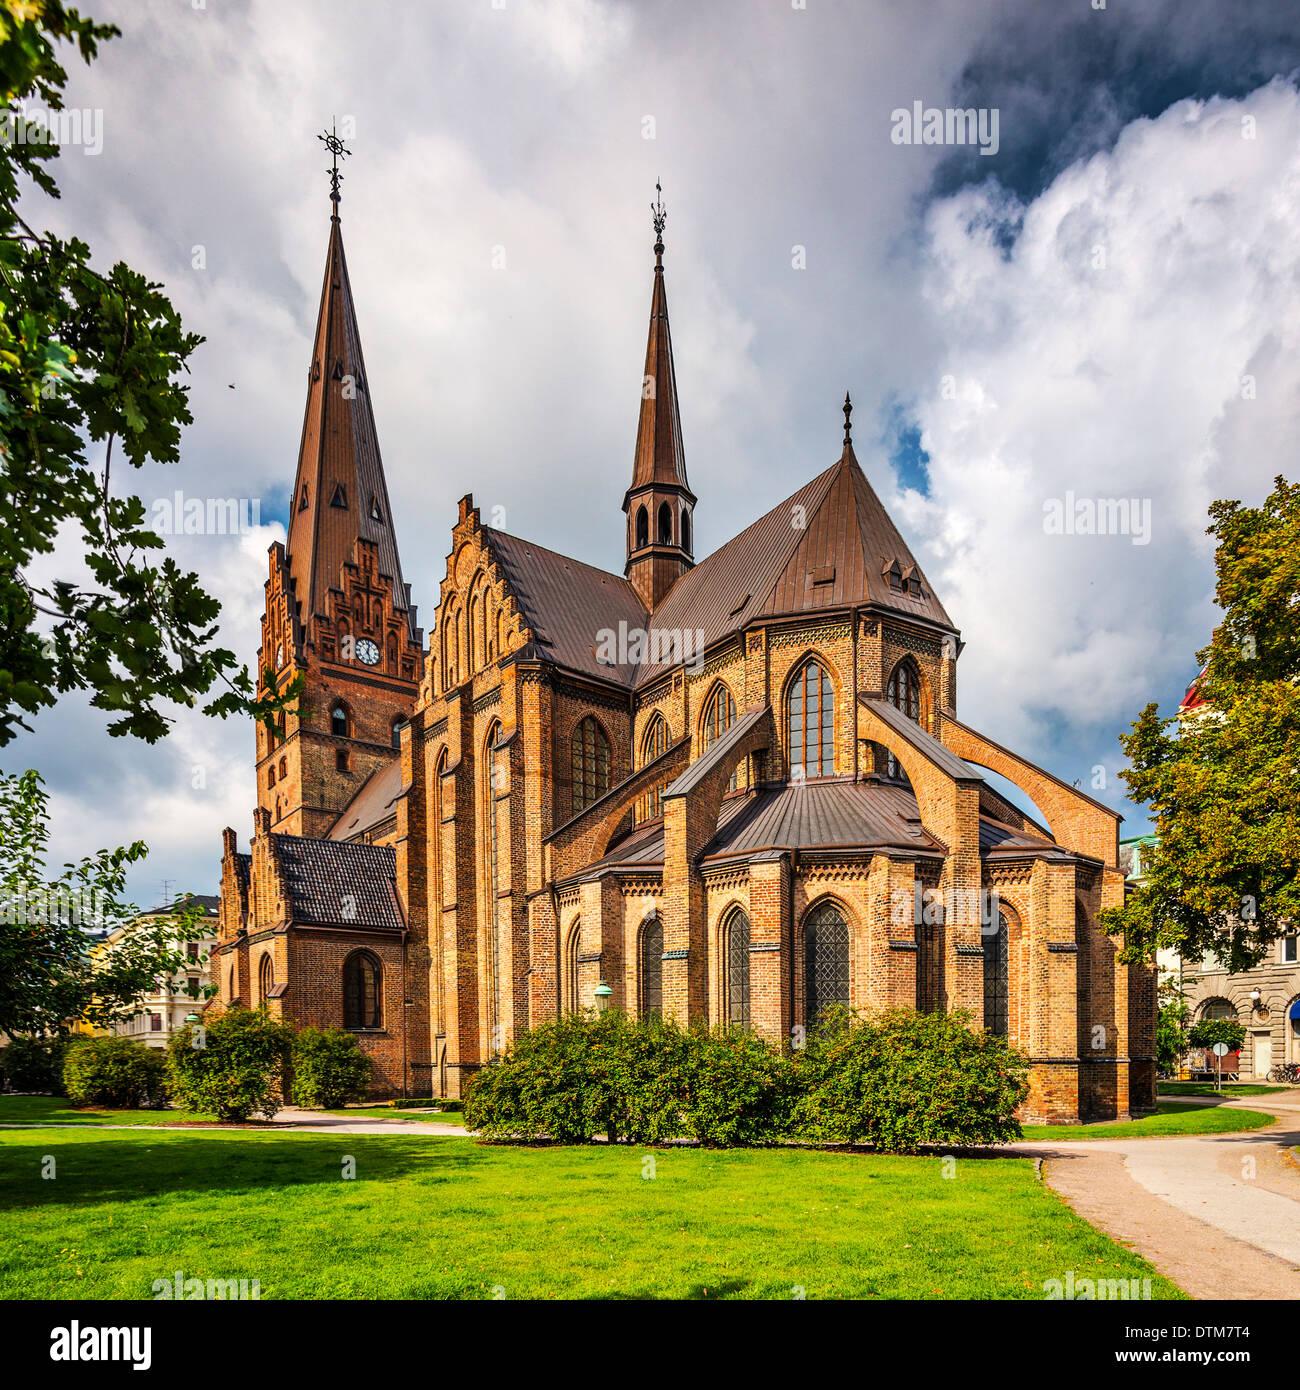 Iglesia de San Pedro en Malmo, Suecia. Imagen De Stock